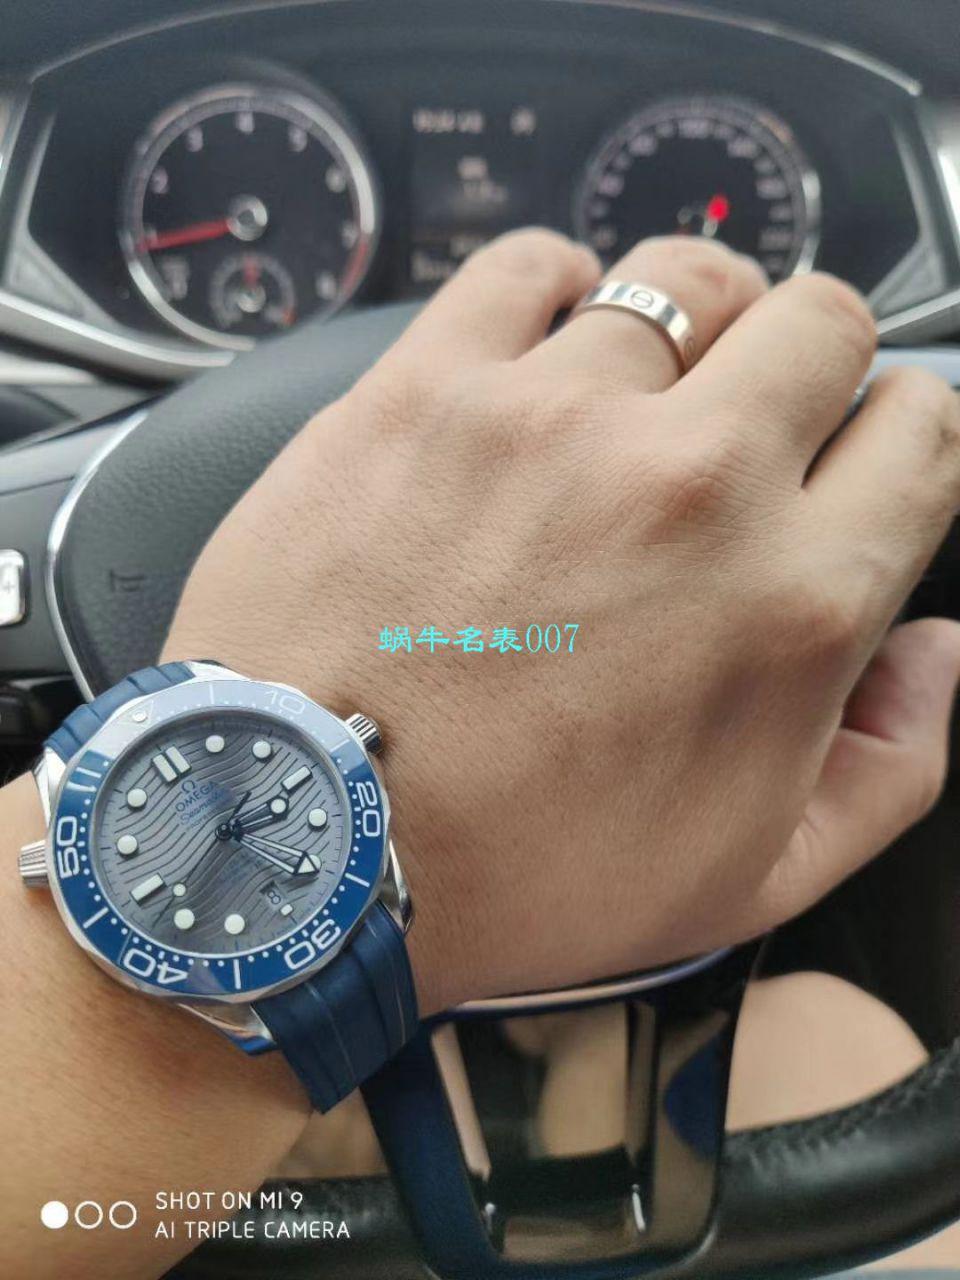 【VS一比一顶级复刻手表】欧米茄海马系列210.32.42.20.06.001腕表 / M376